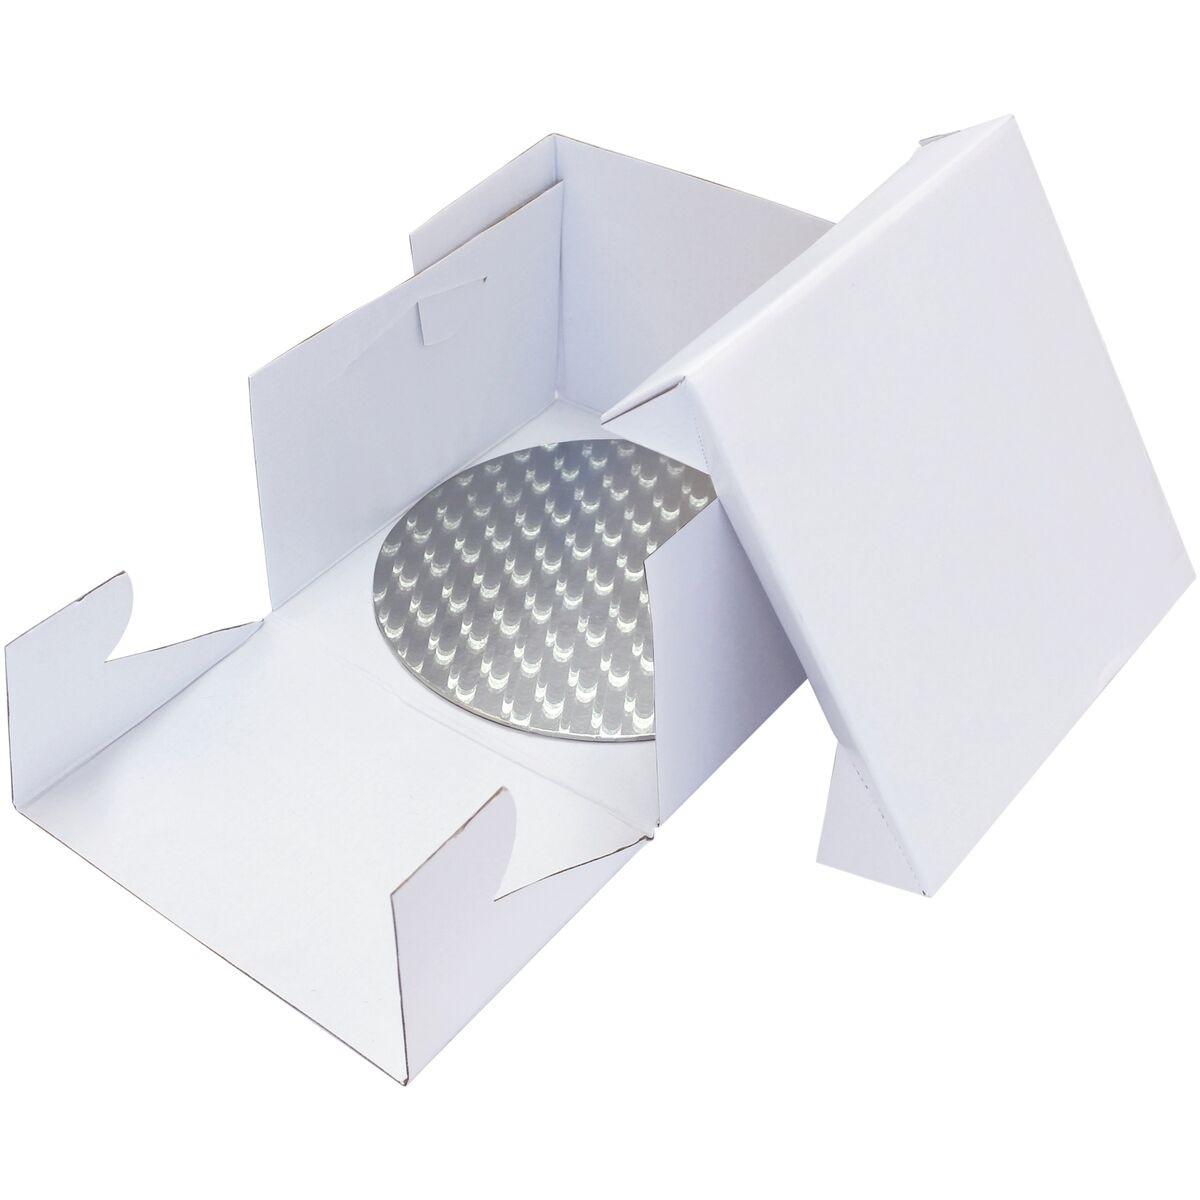 PME 33cm Round Cake Drum and Cake Box